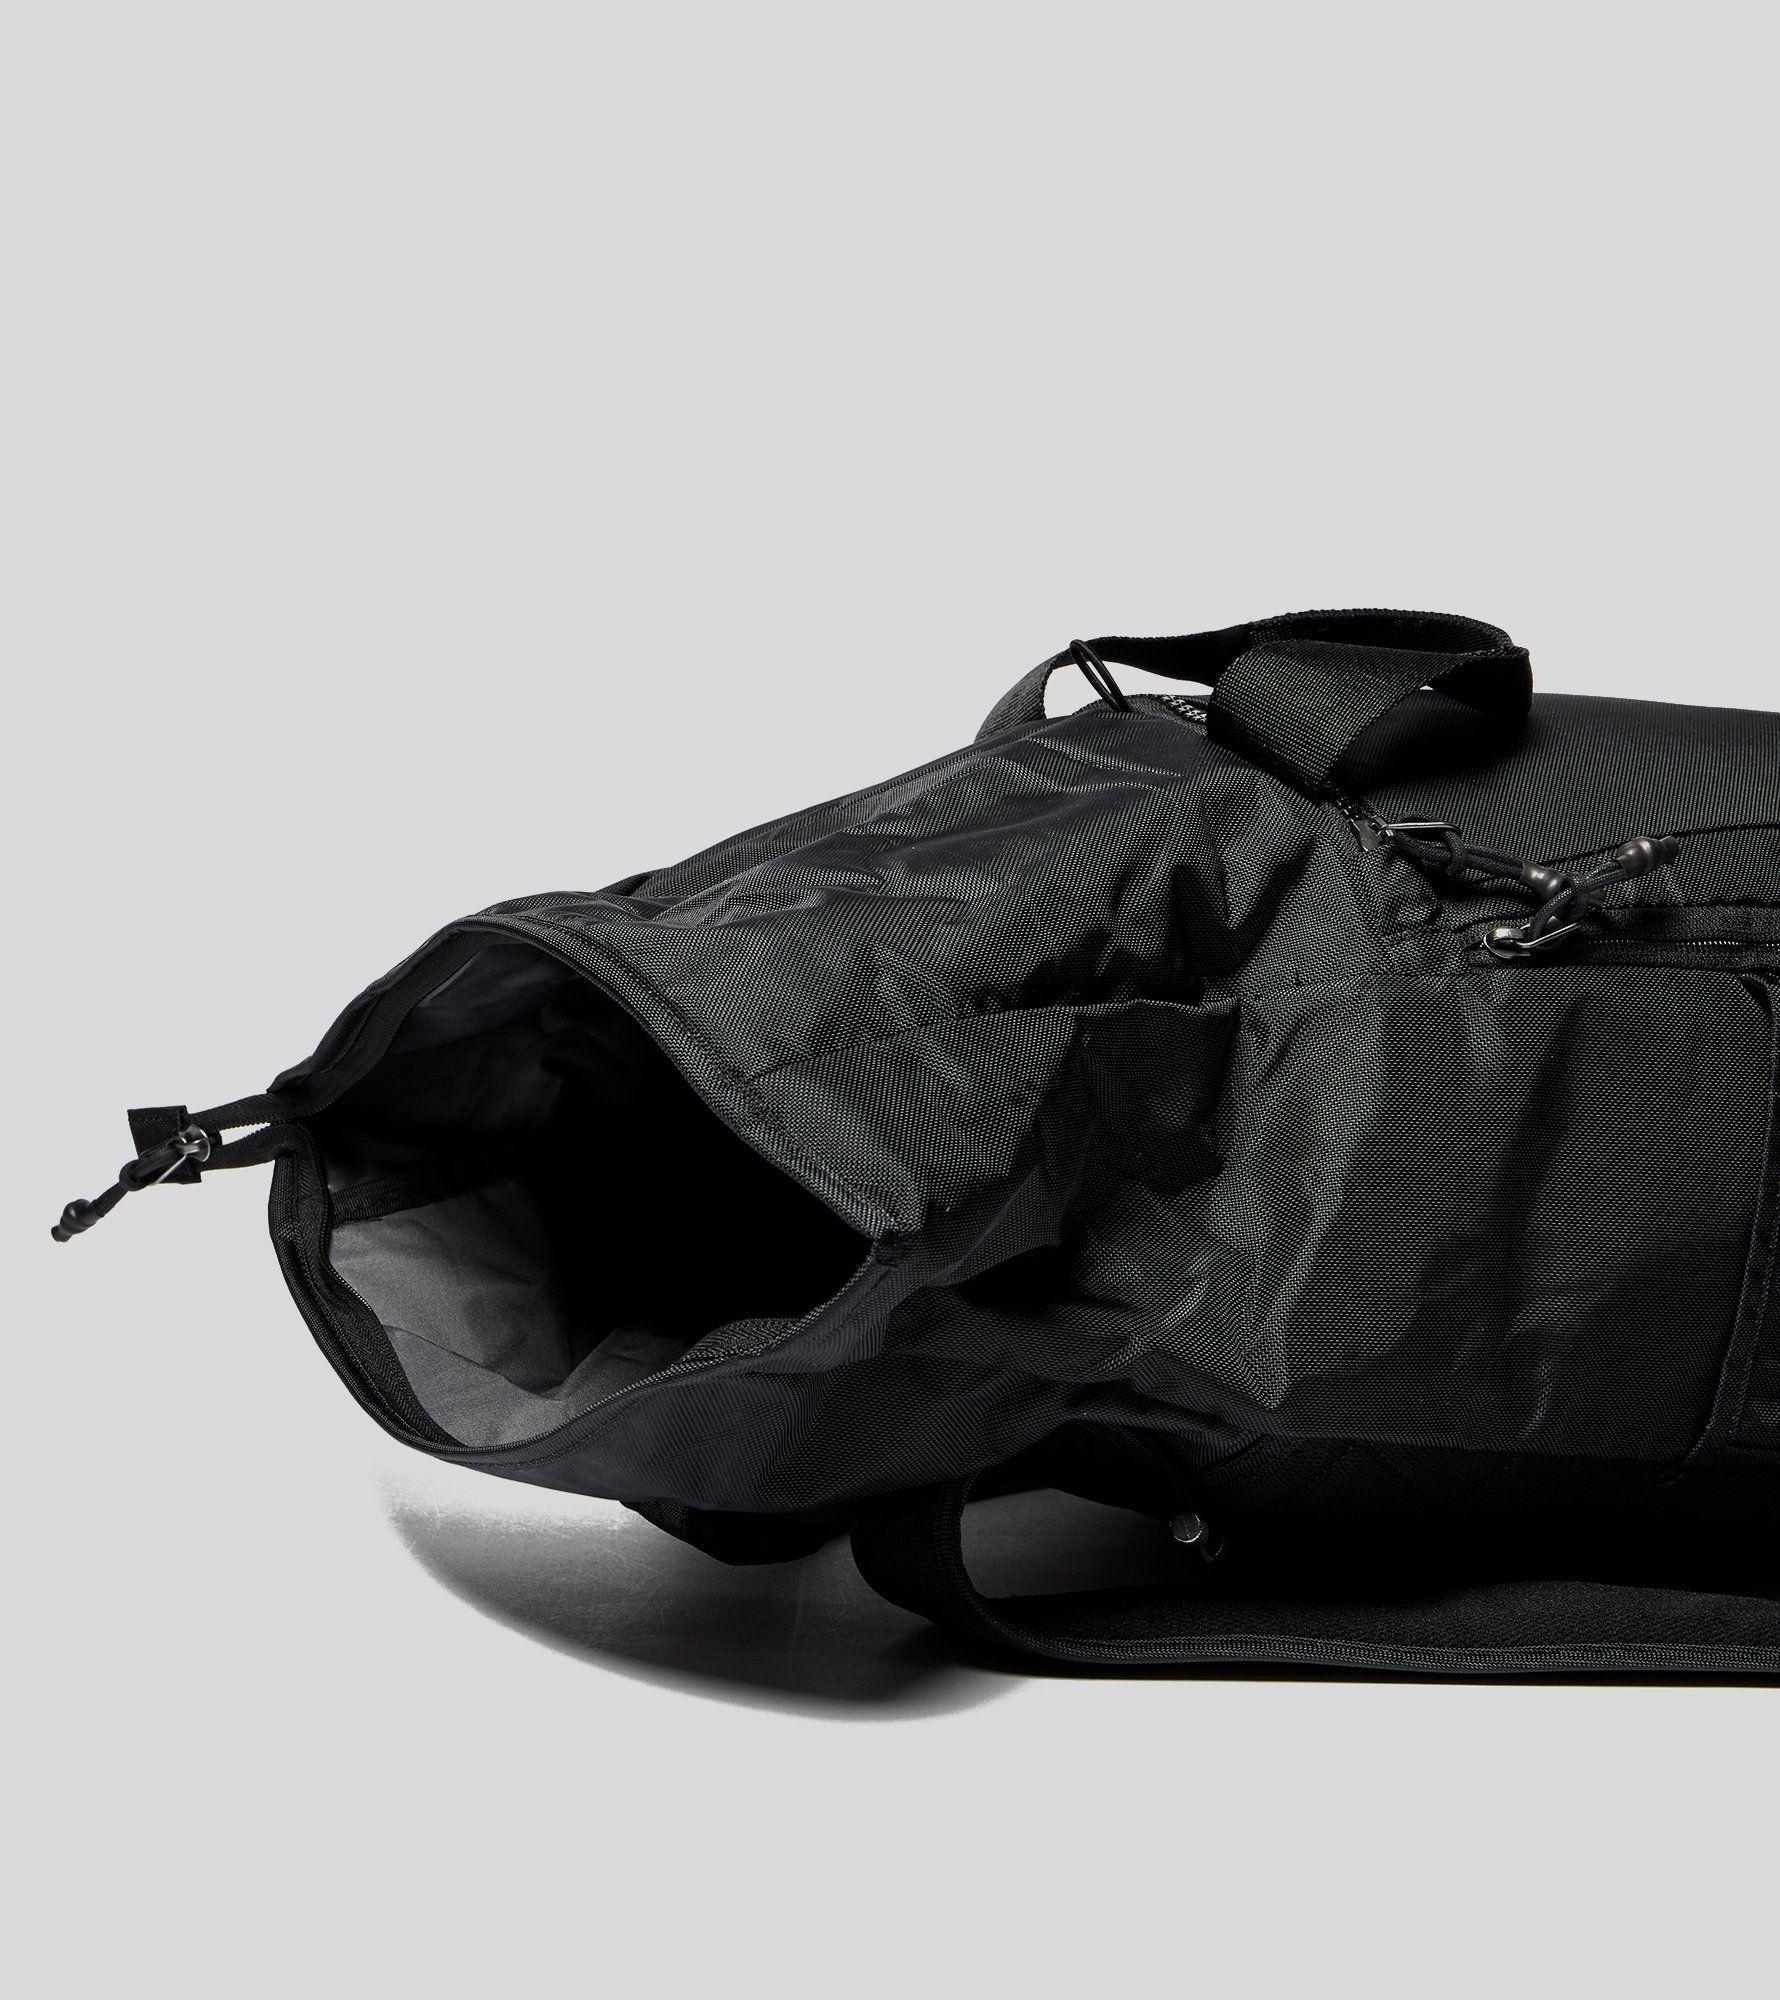 Nike Vapor Energy 2.0 Backpack